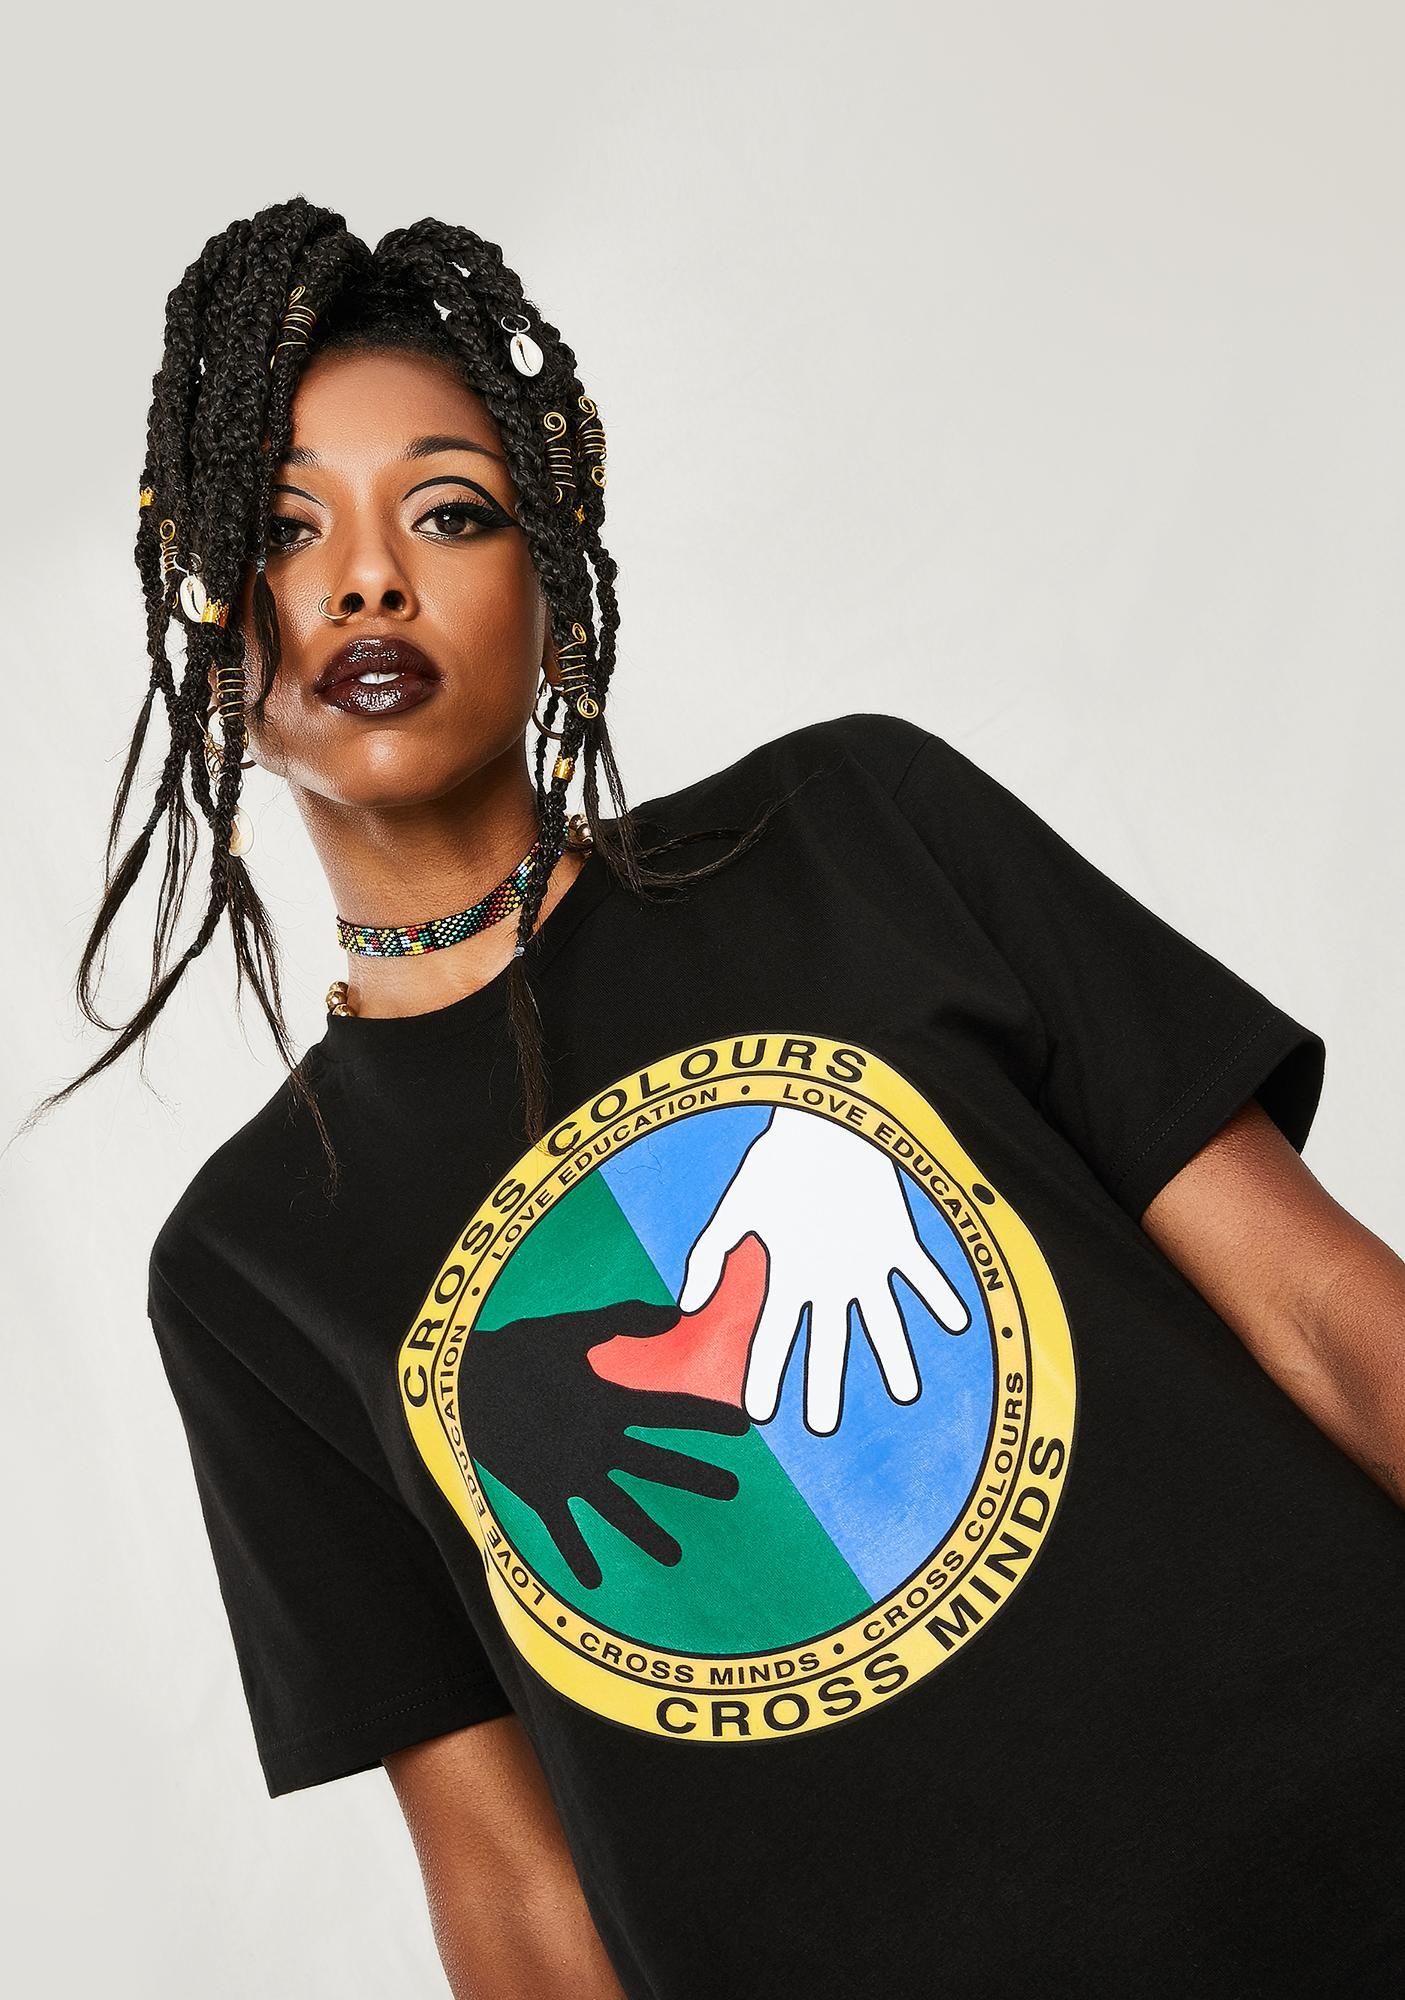 Cross Colours Cross Minds T-Shirt